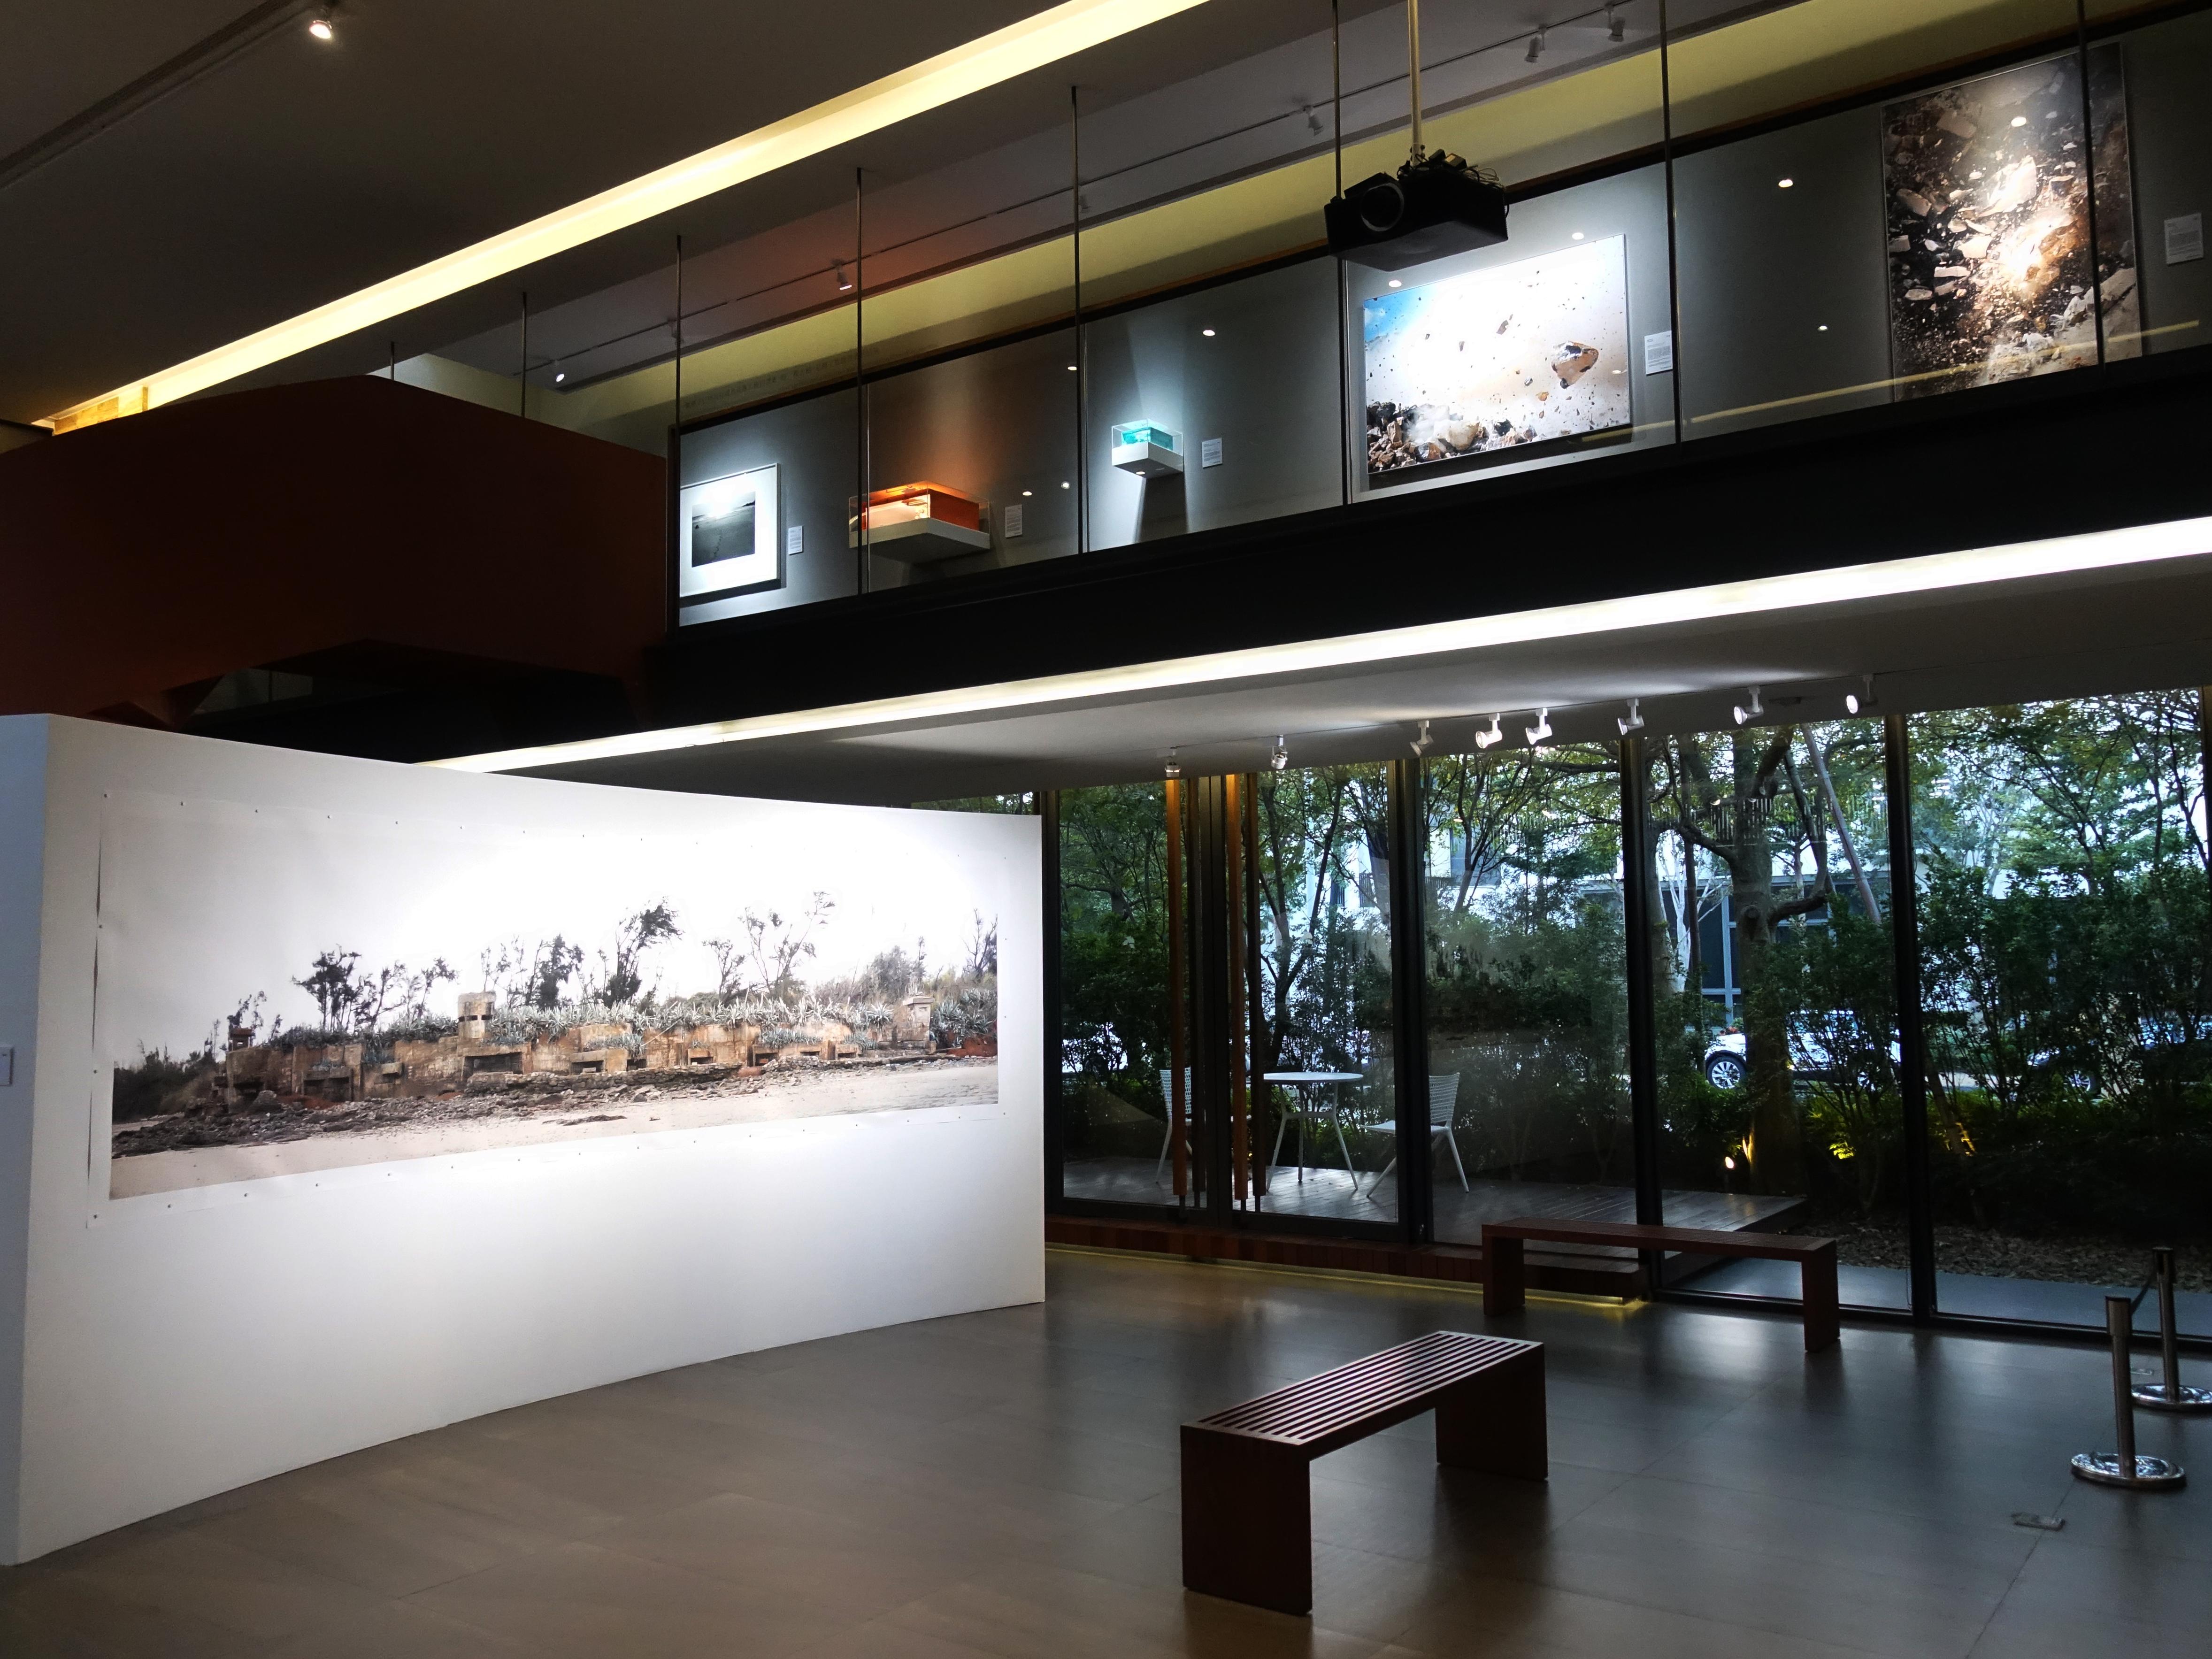 陸府生活美學教育基金會展出『歷史造景』劉芸怡個展、『後來』陸府典藏展。